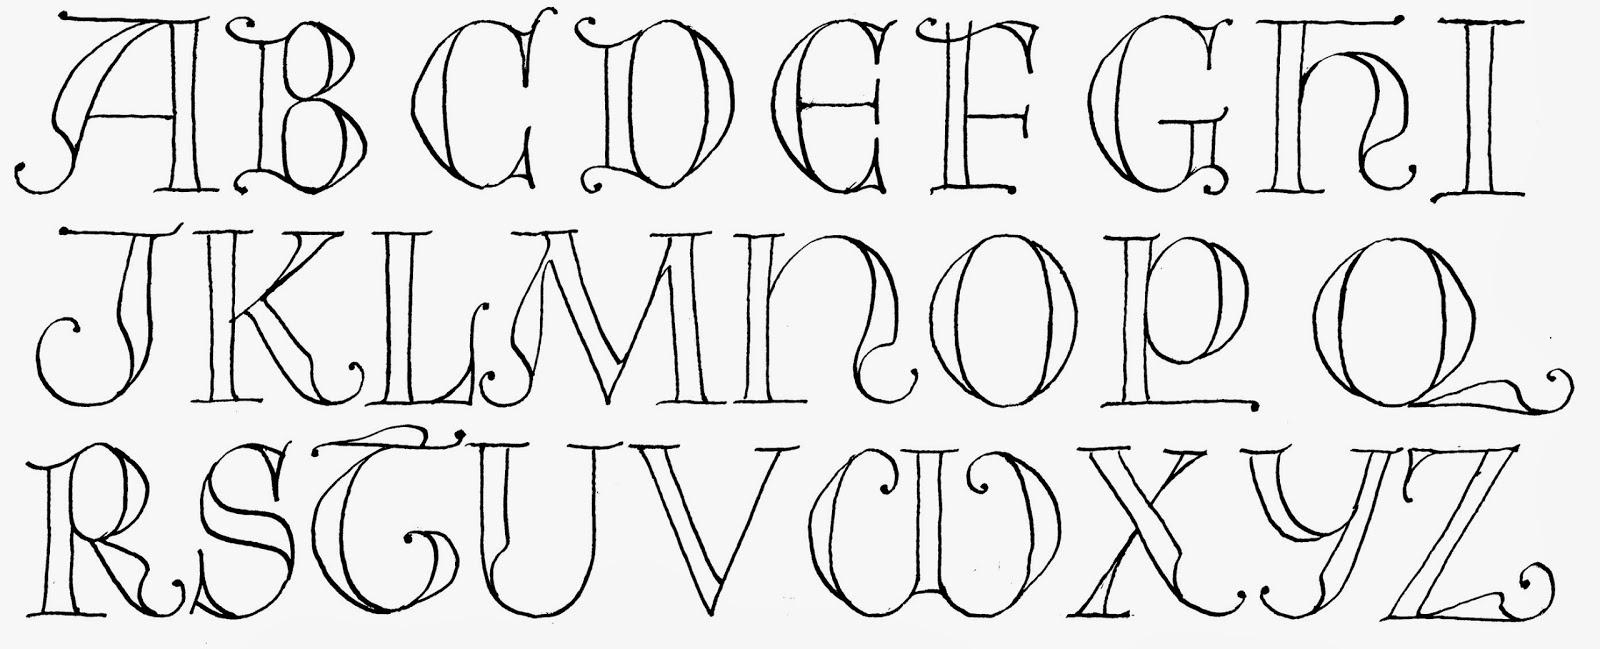 Margaret shepherd calligraphy complex medieval